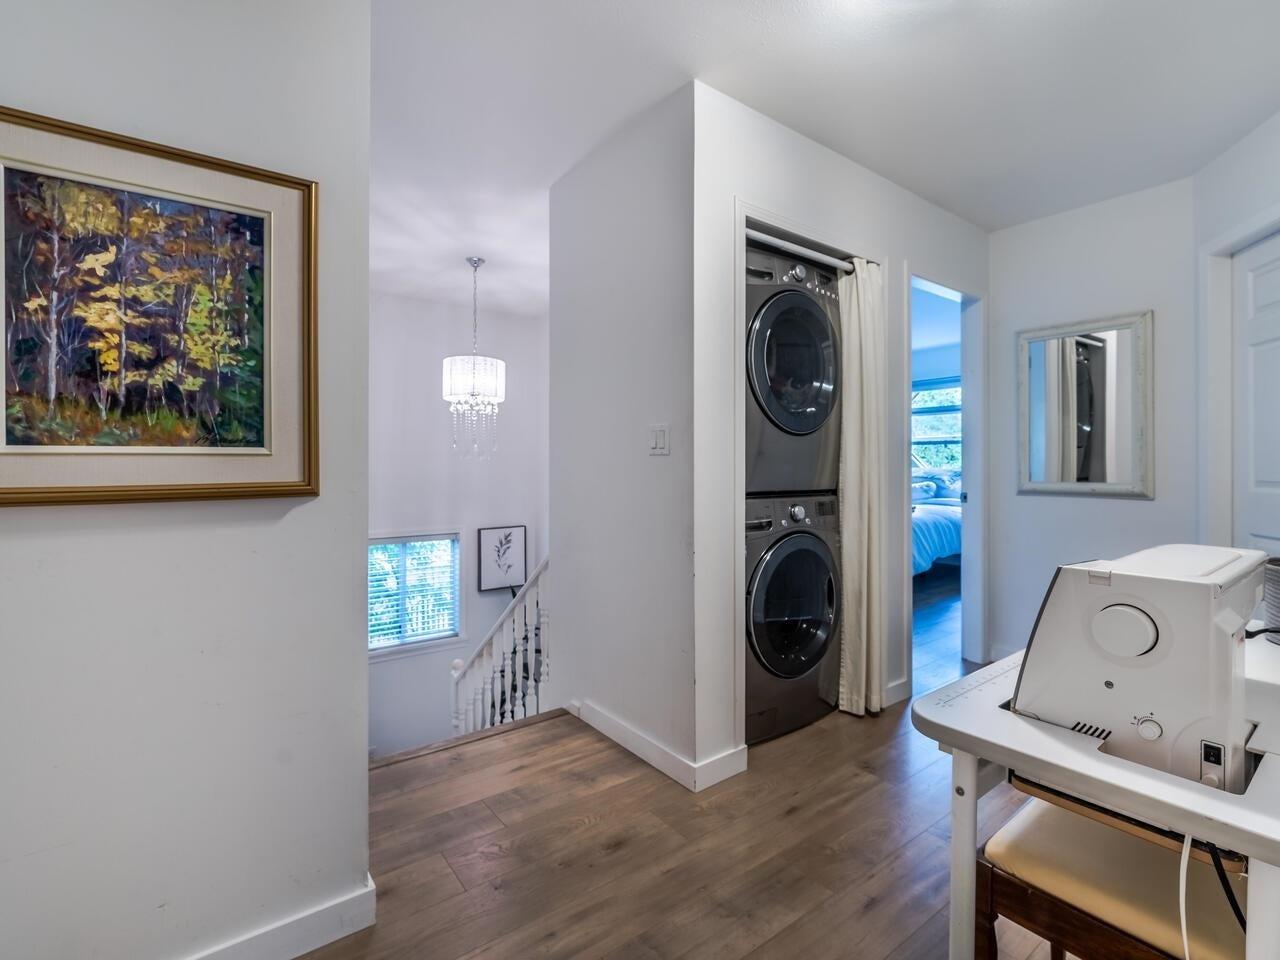 1231 E 11TH AVENUE - Mount Pleasant VE 1/2 Duplex for sale, 3 Bedrooms (R2625828) - #29